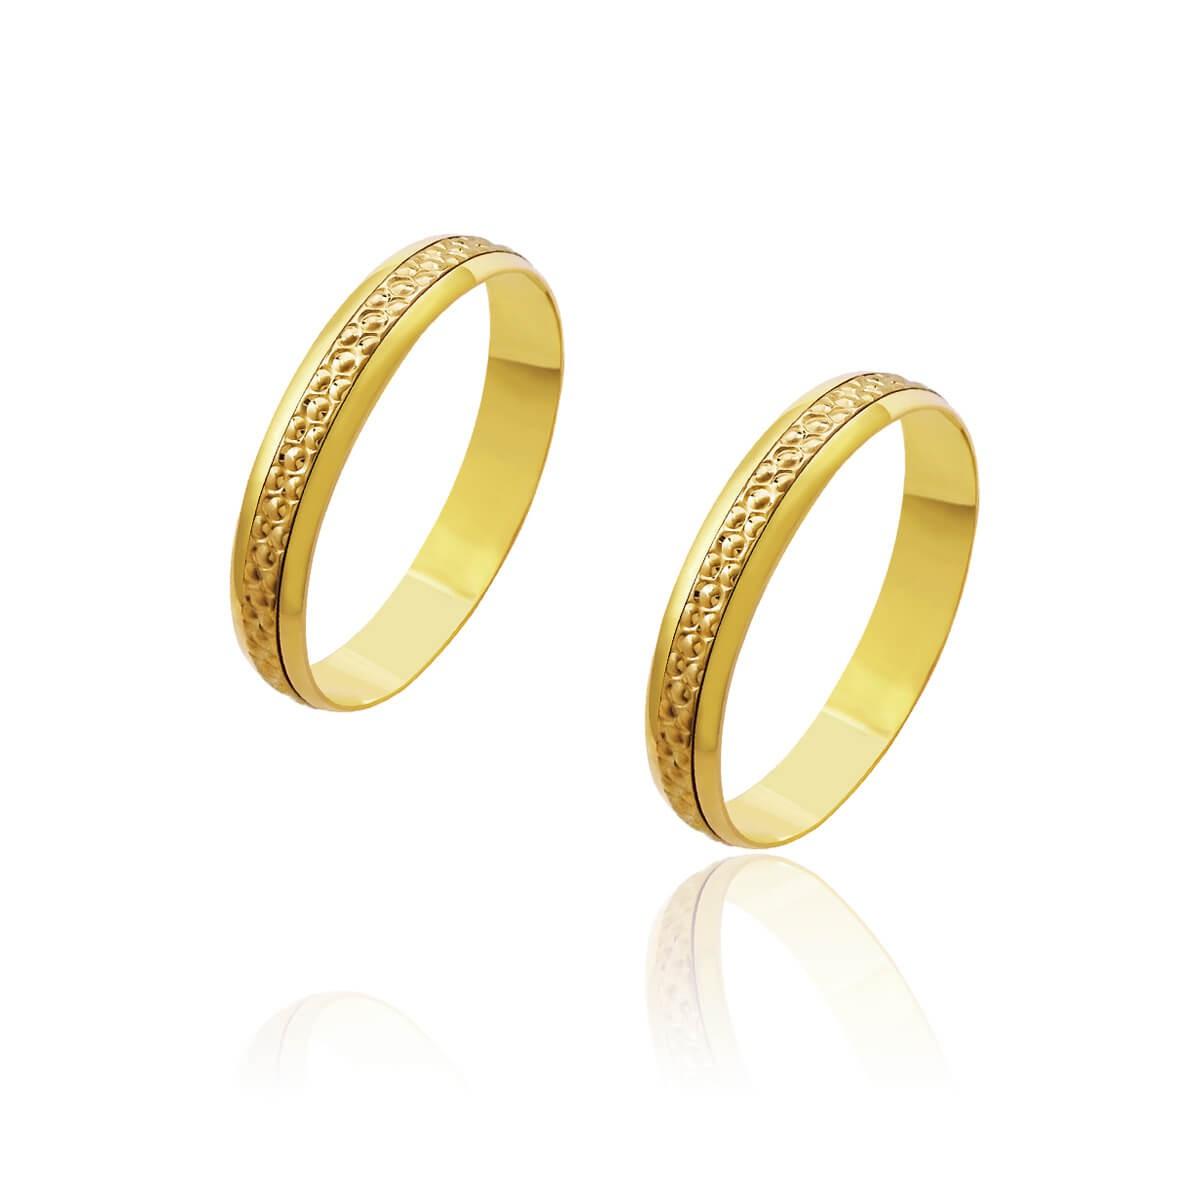 Par de Alianças de Casamento Artemis Ouro 18k Aplique Central Ouro Rosé 3,85mm 3,6g